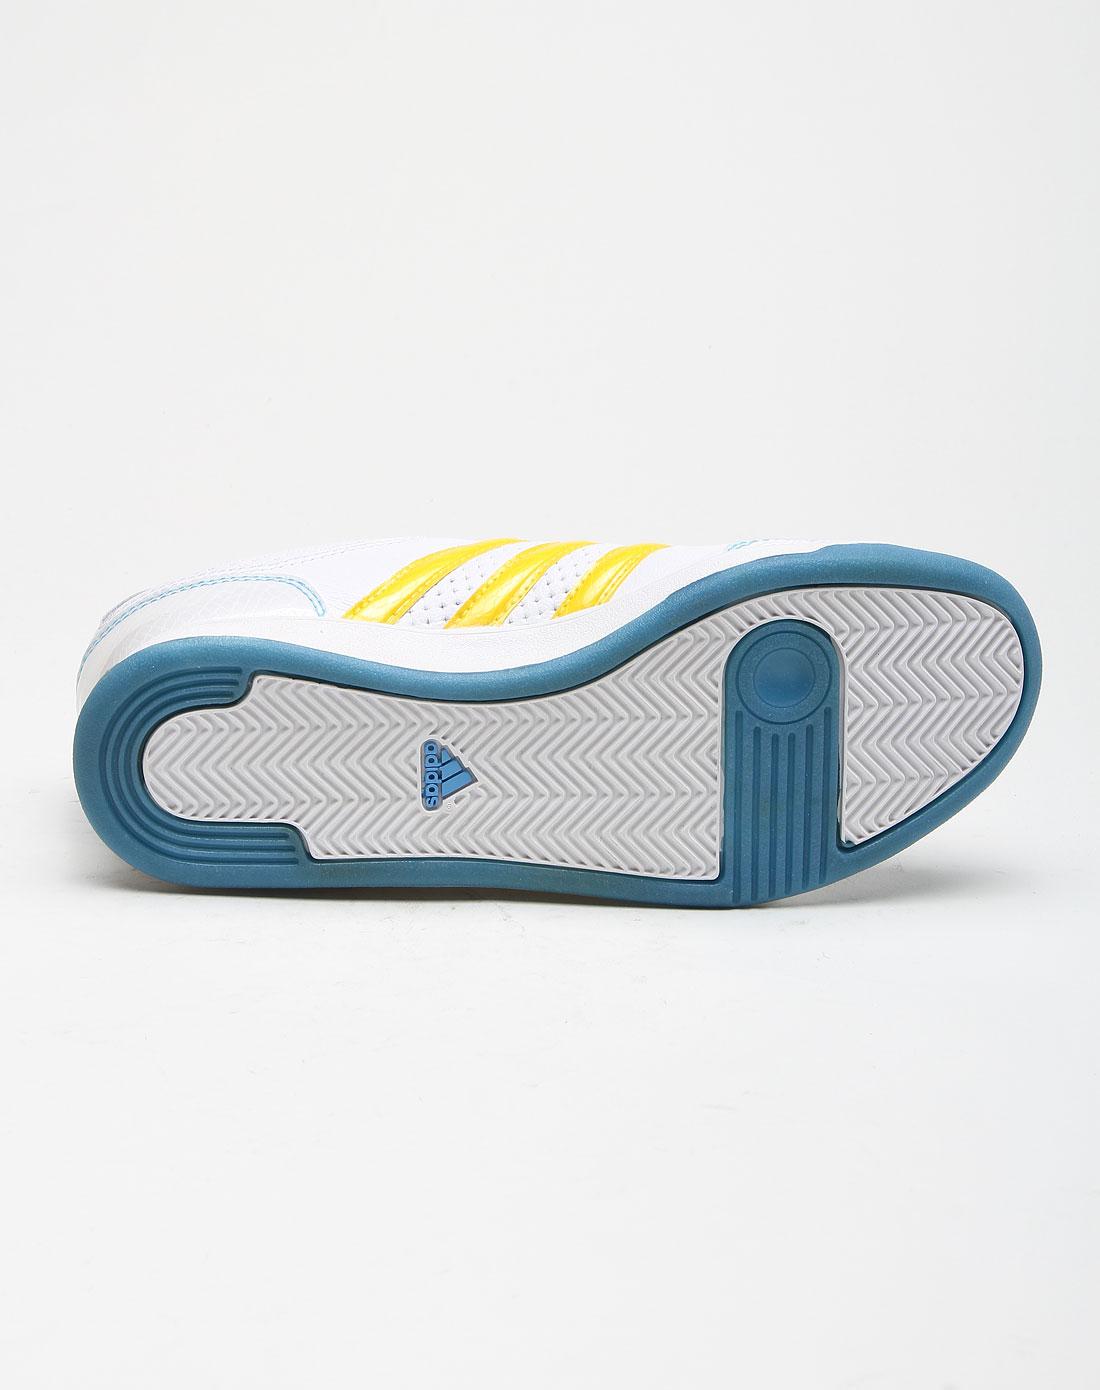 经典透气白底黄色运动鞋